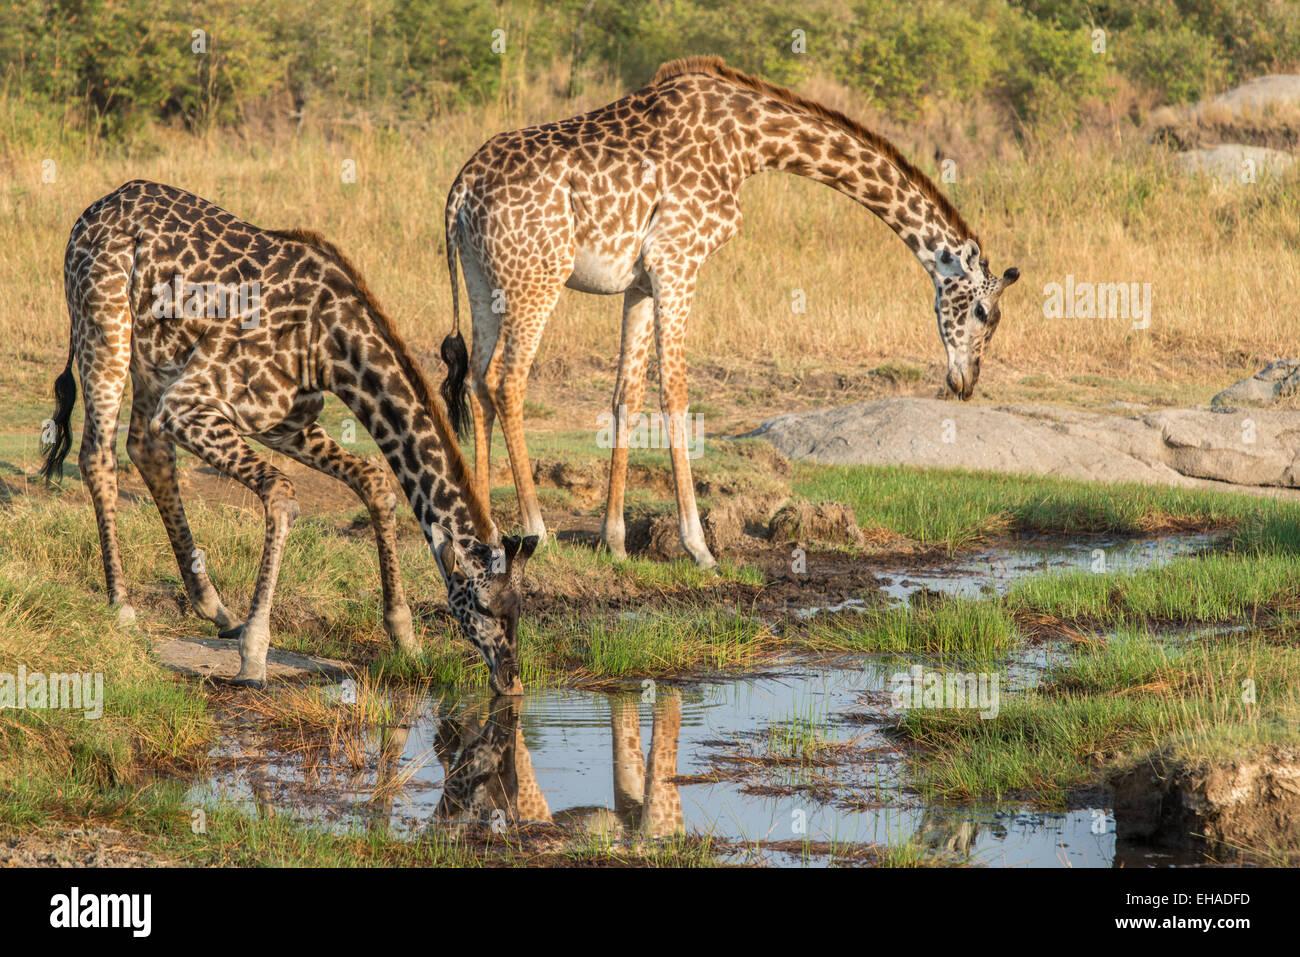 Serengeti NP, Giraffes - Stock Image